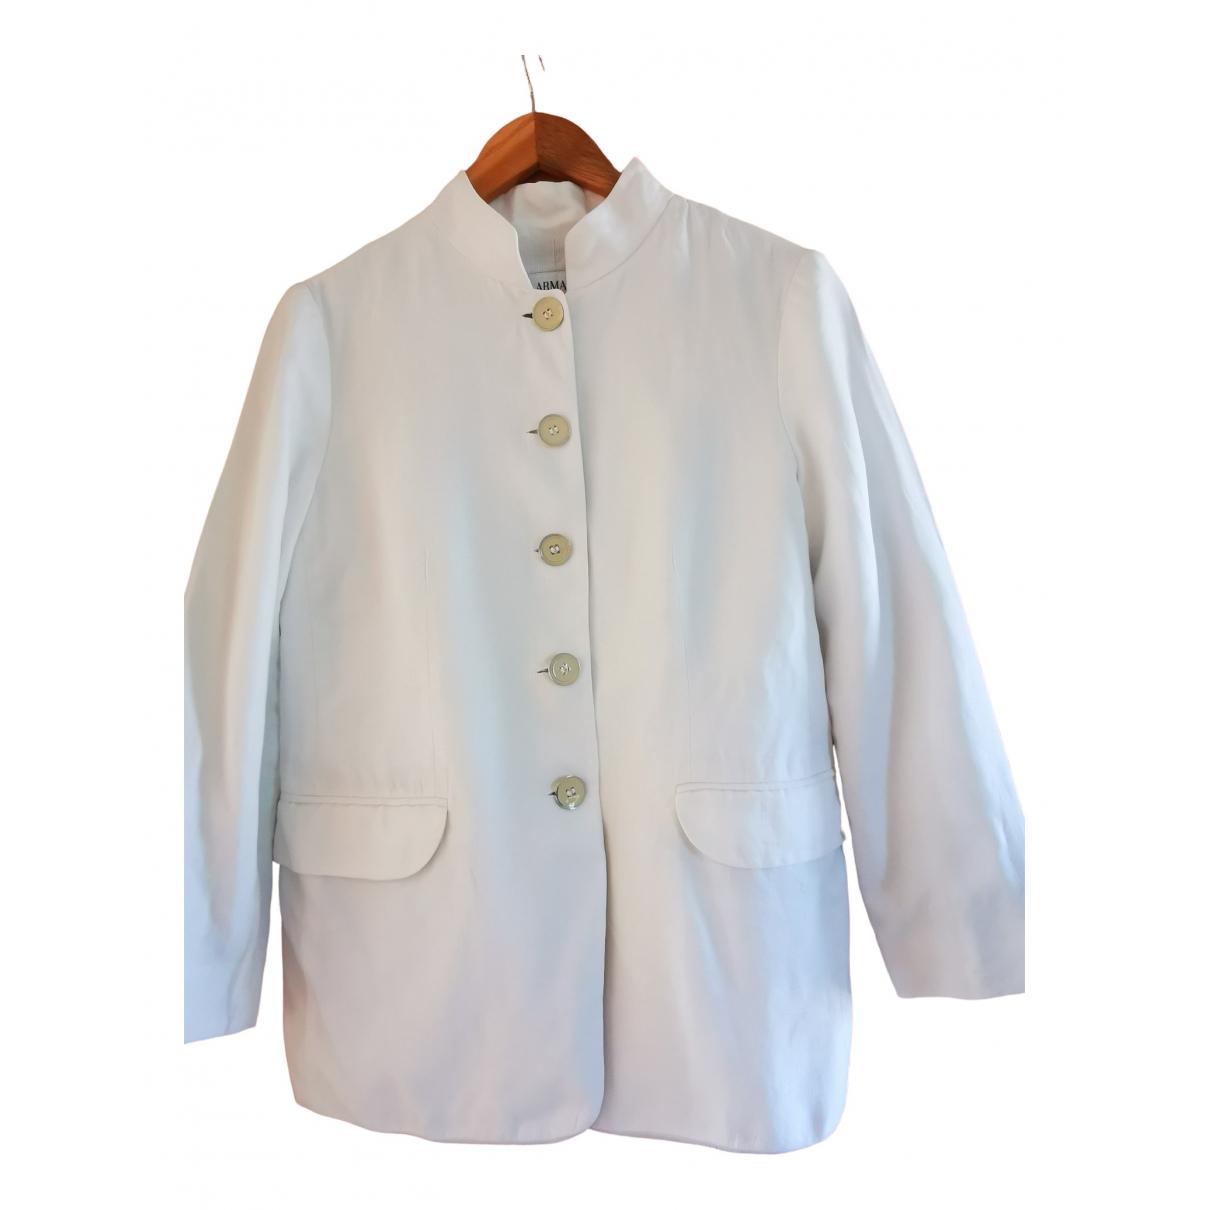 Armani Collezioni - Vestes.Blousons   pour homme en lin - blanc